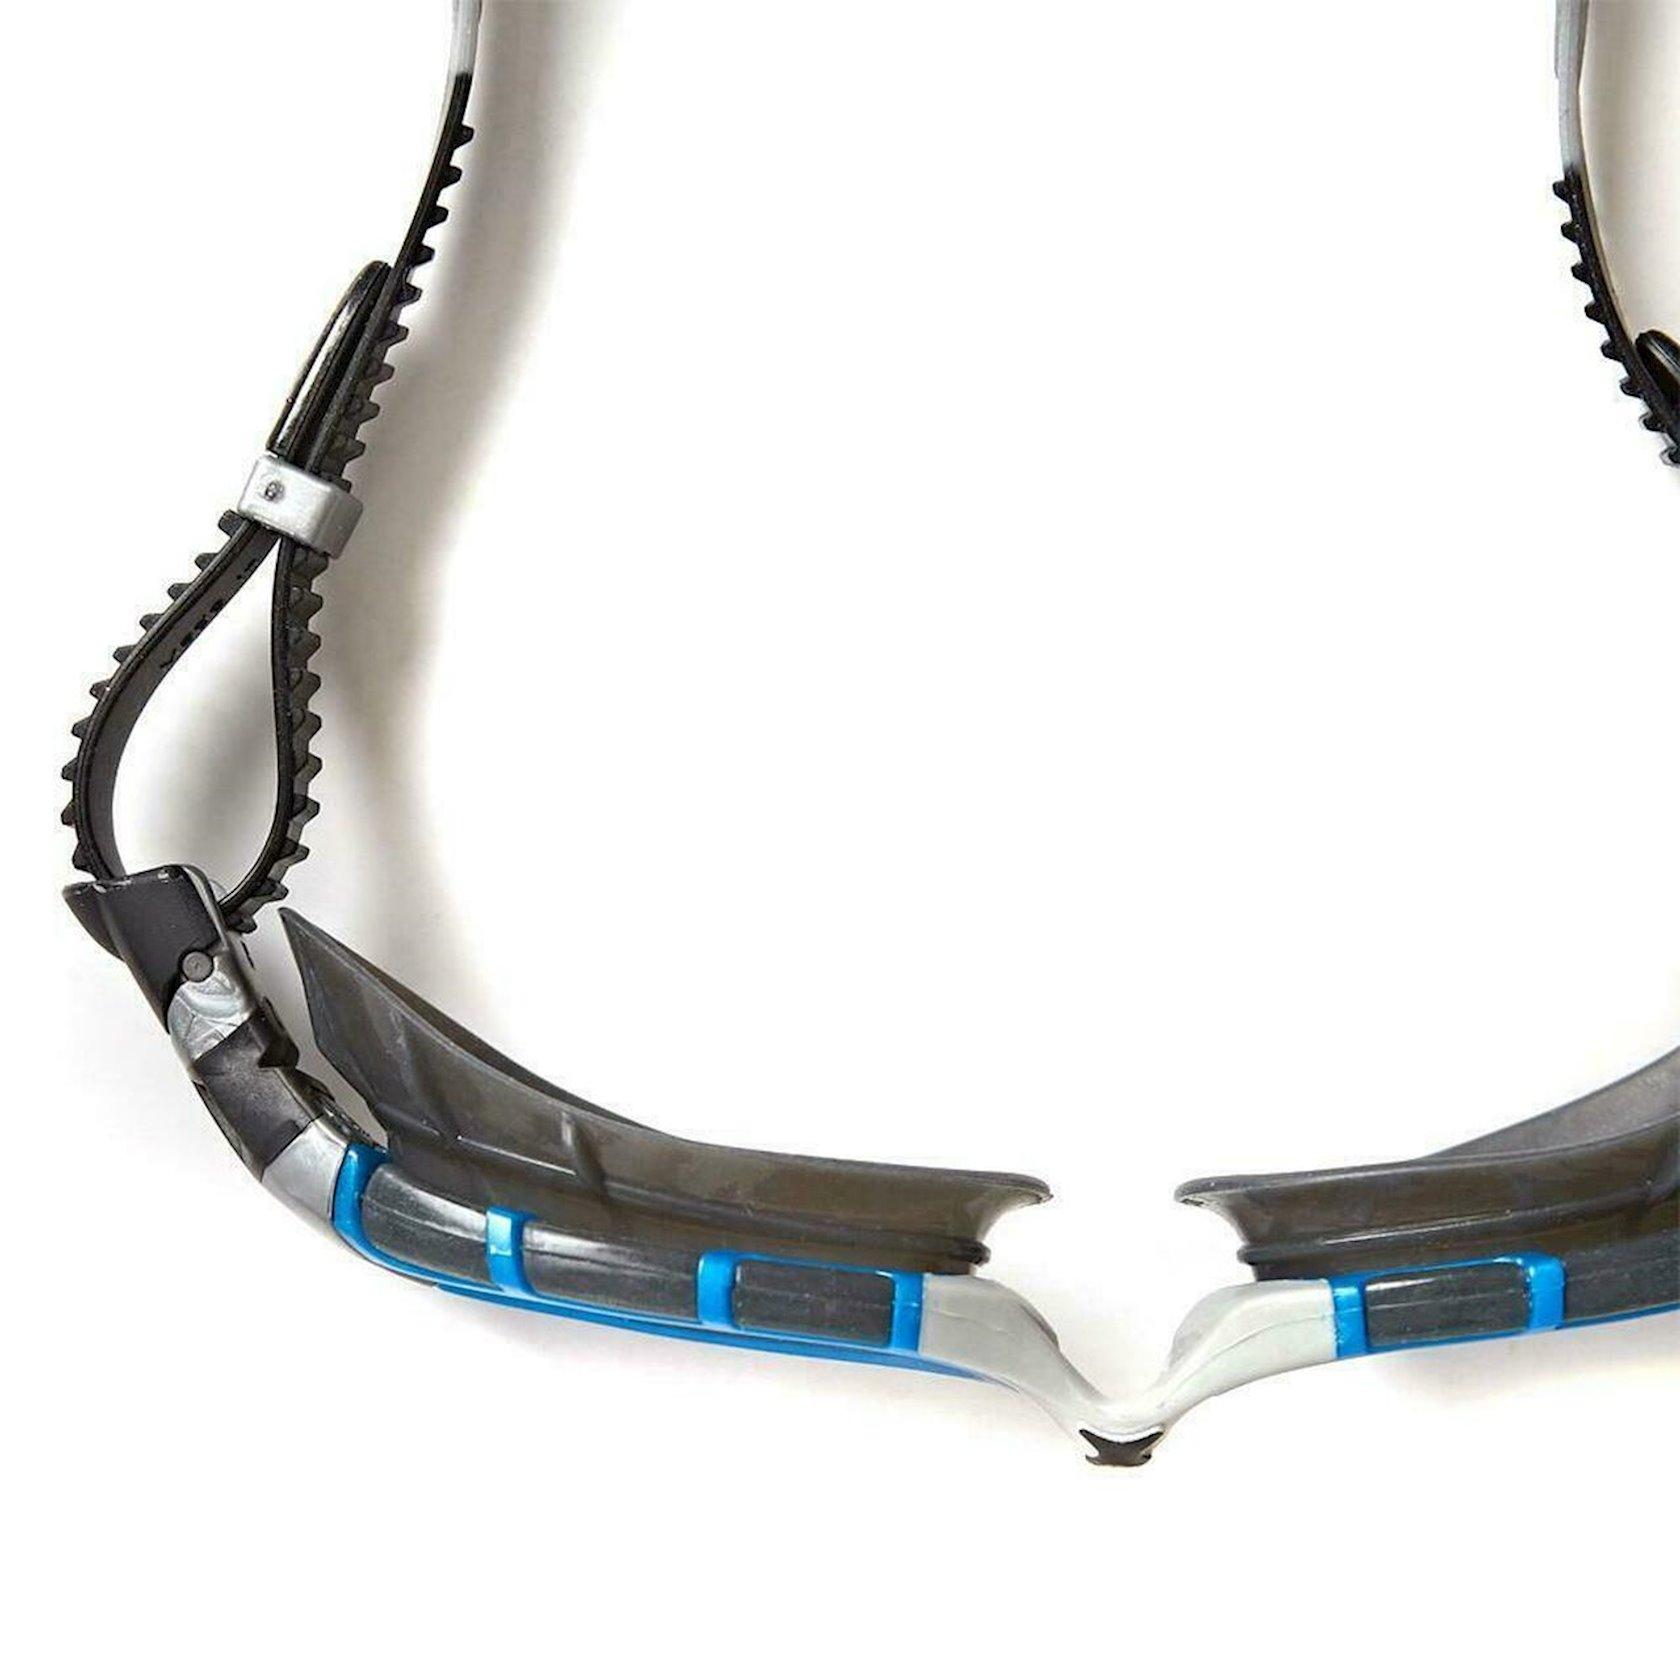 Üzgüçülük üçün eynək Zoggs Predator Flex Polarized Ultra Reactor In Small Swim Goggles FINA Approved, uniseks, qara/göy/gümüşü